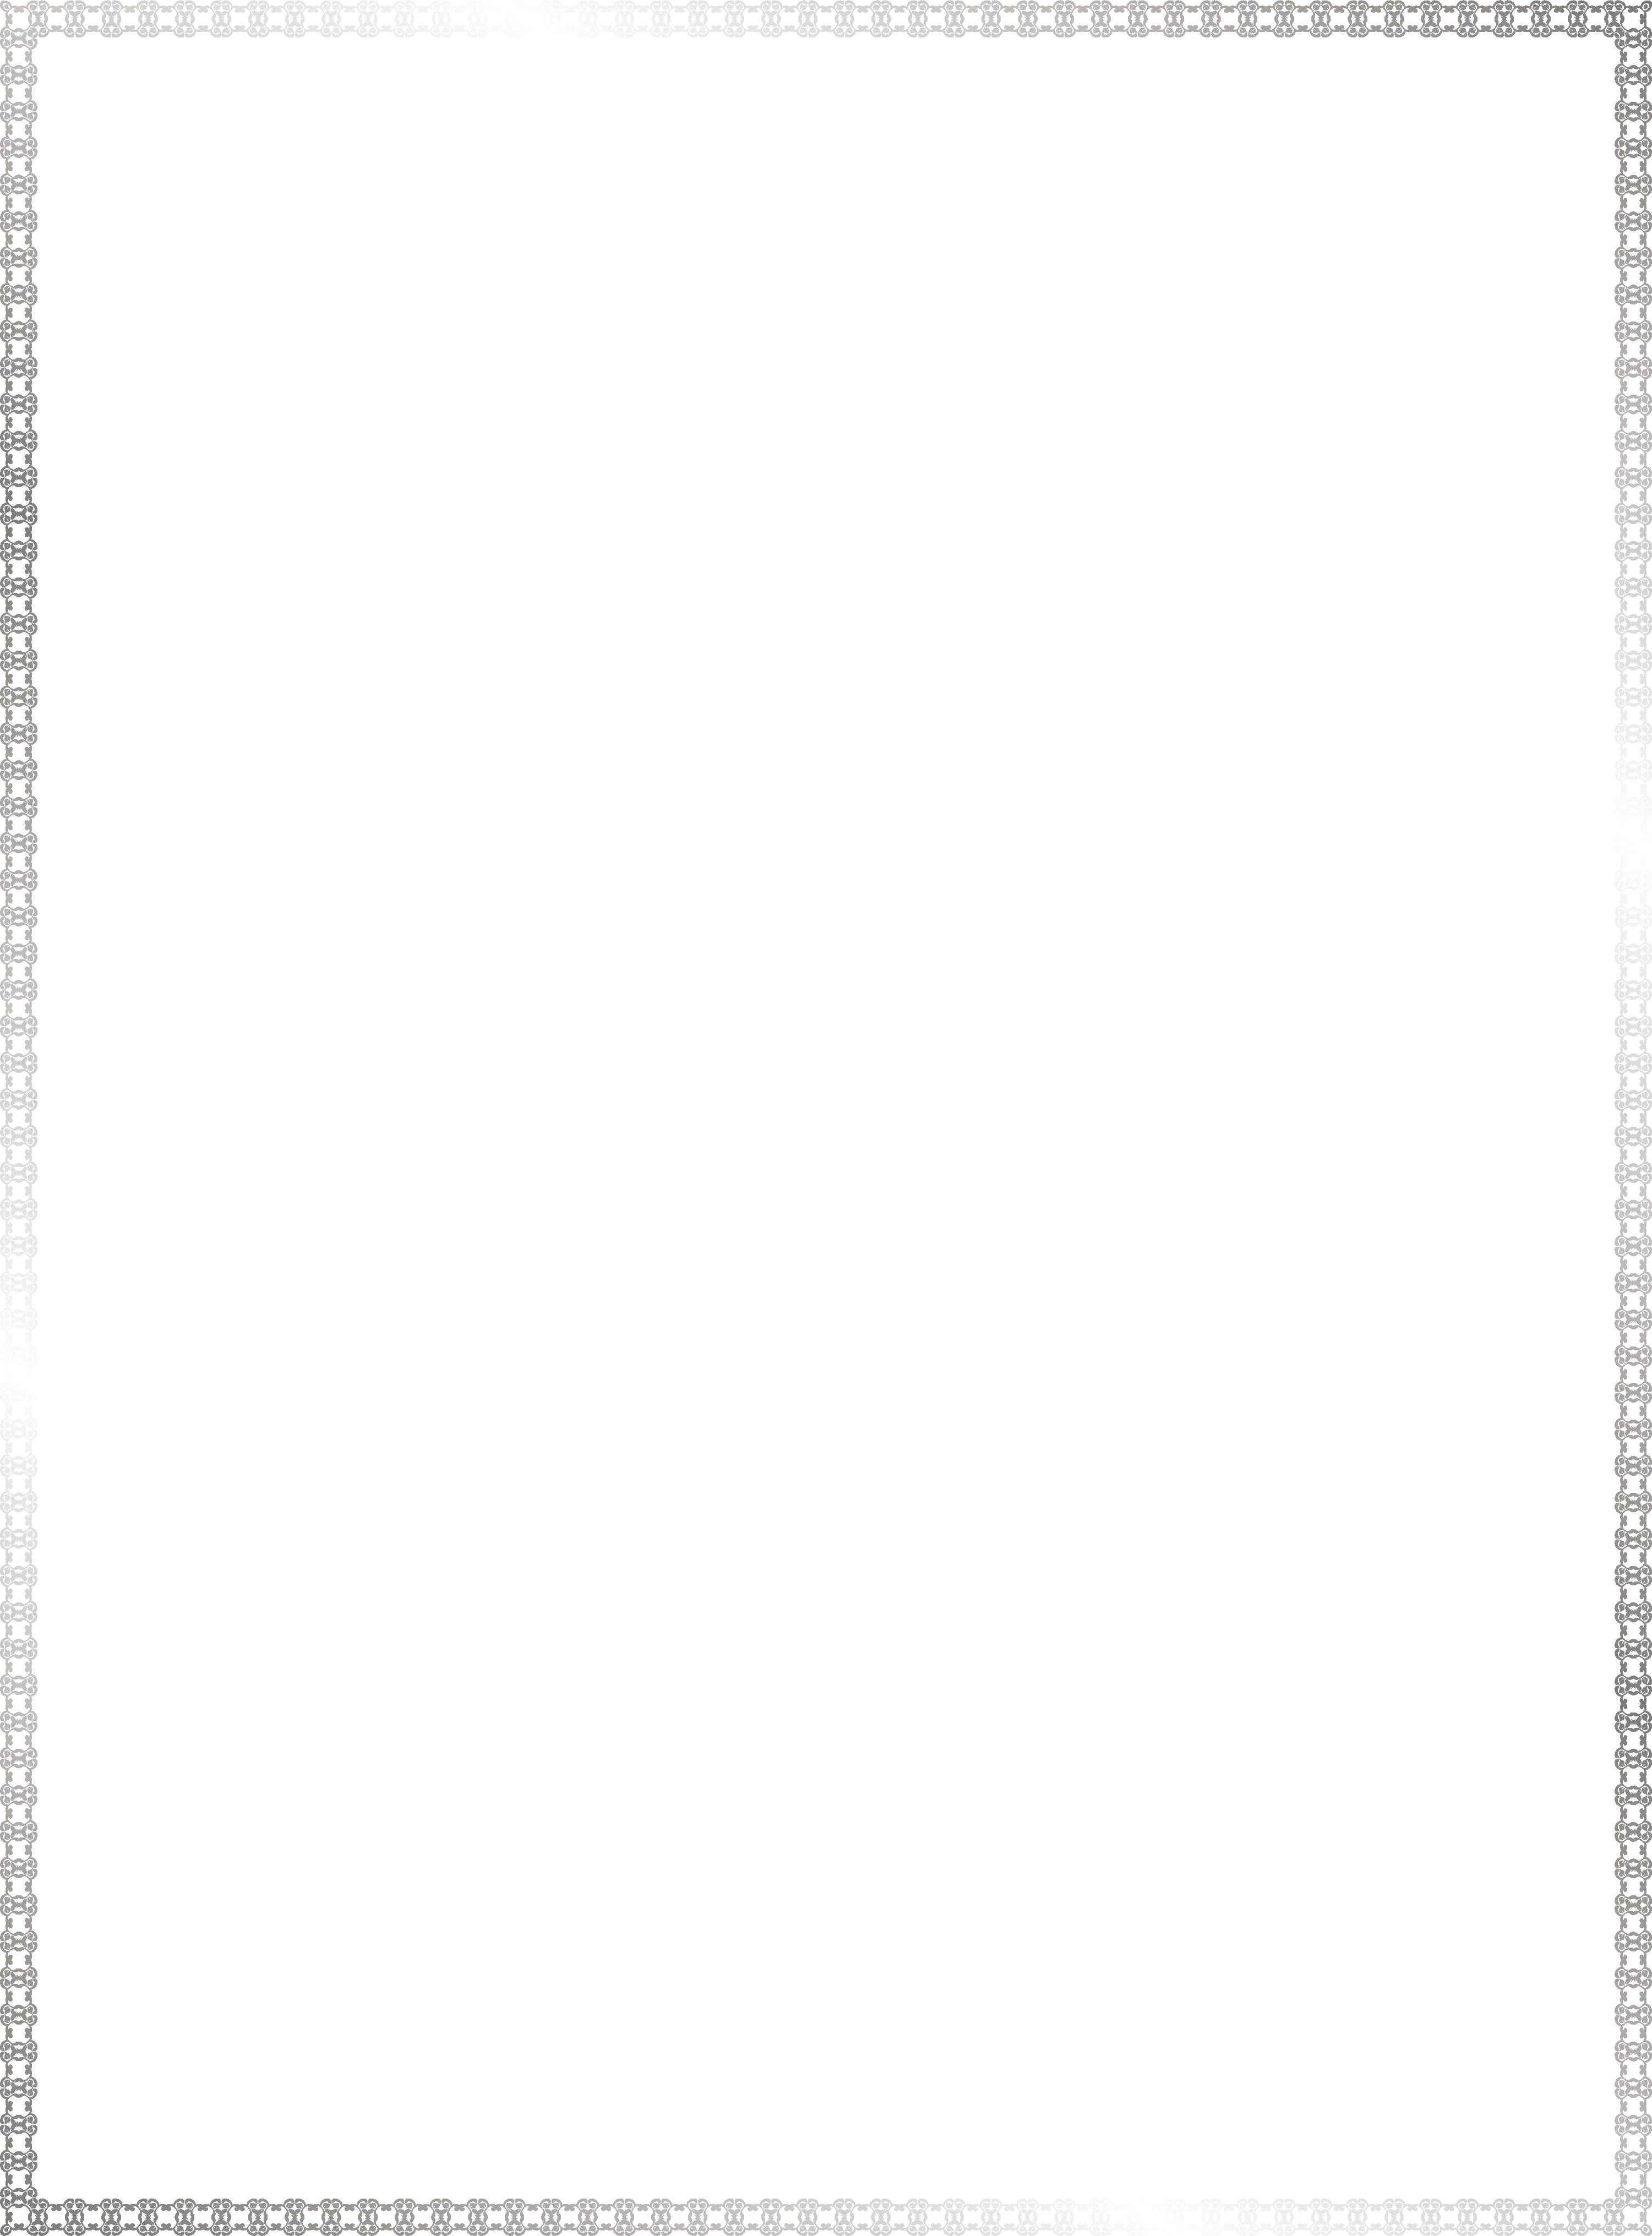 Silver border png. White textile black pattern